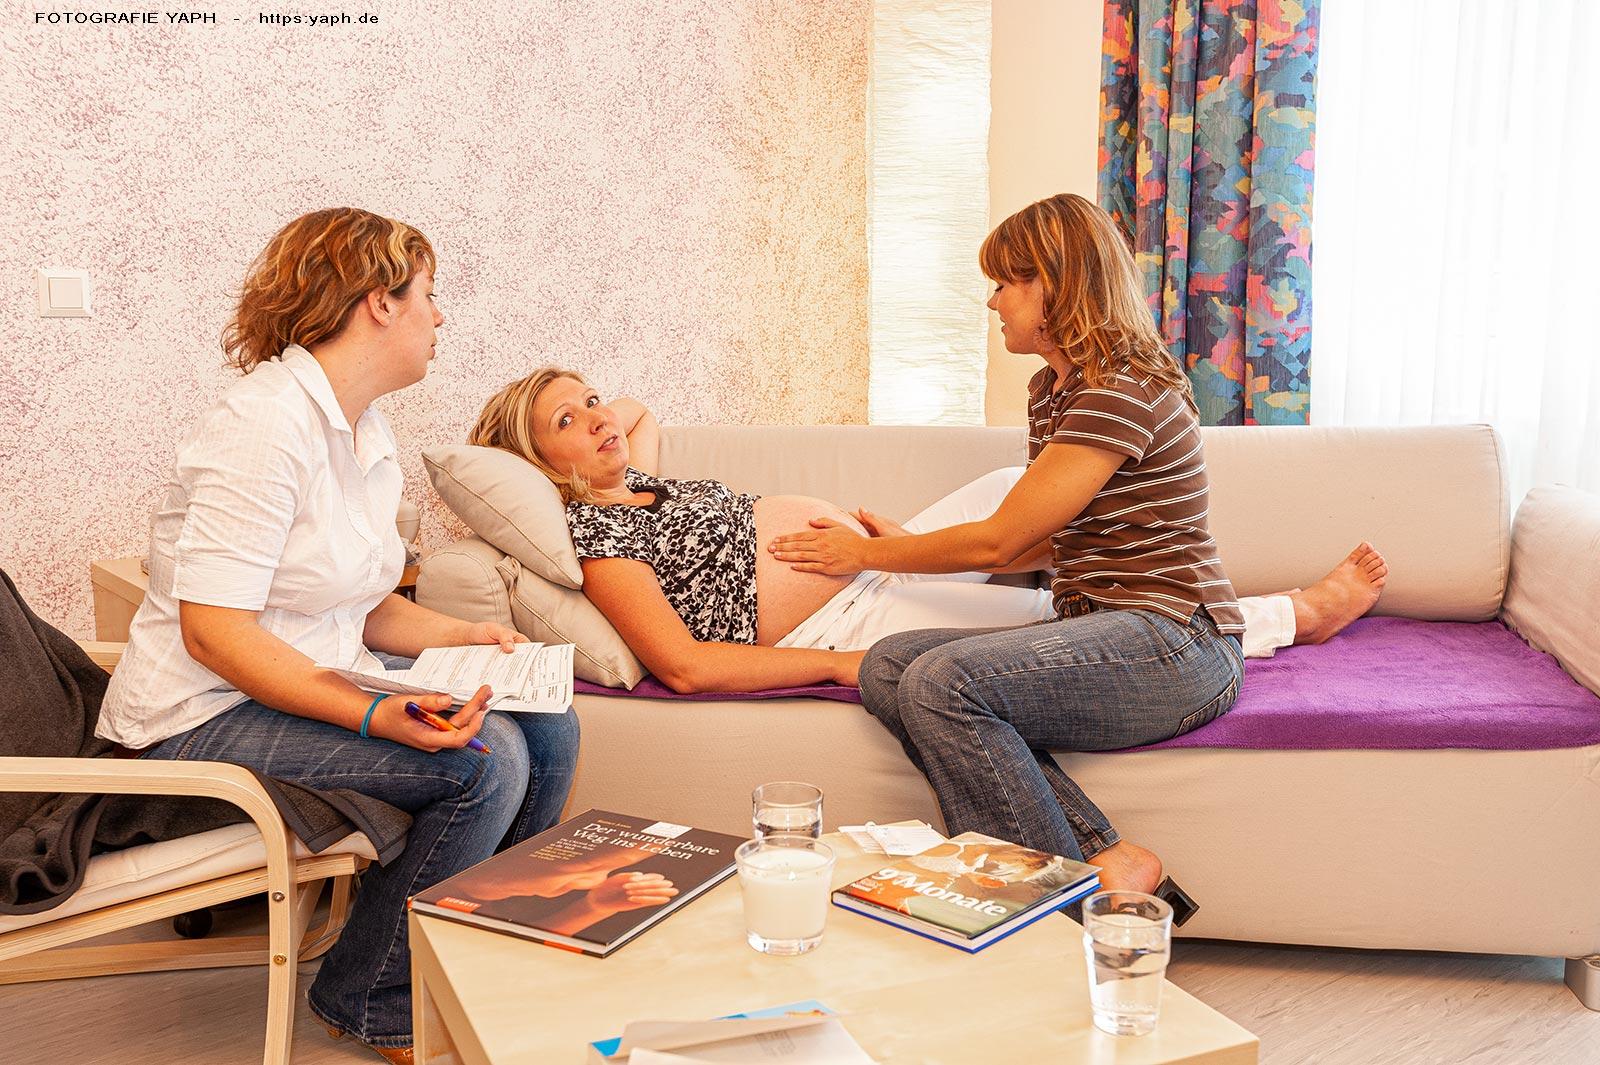 Praxisfotos, Fotografie für Kliniken, Corporate Photography Yaph Trier